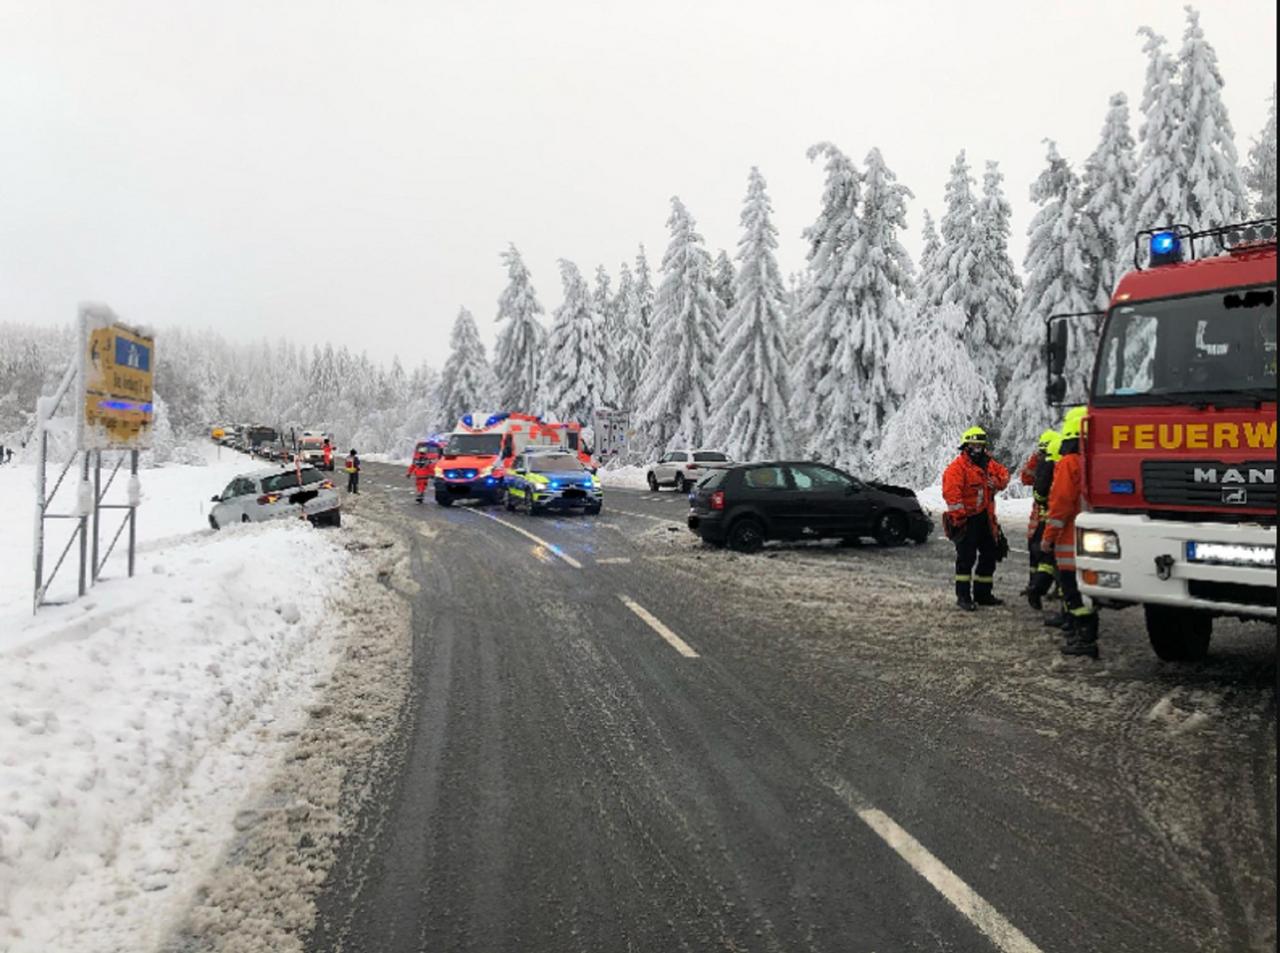 5 Verletzte nach Unfall bei Torfhaus